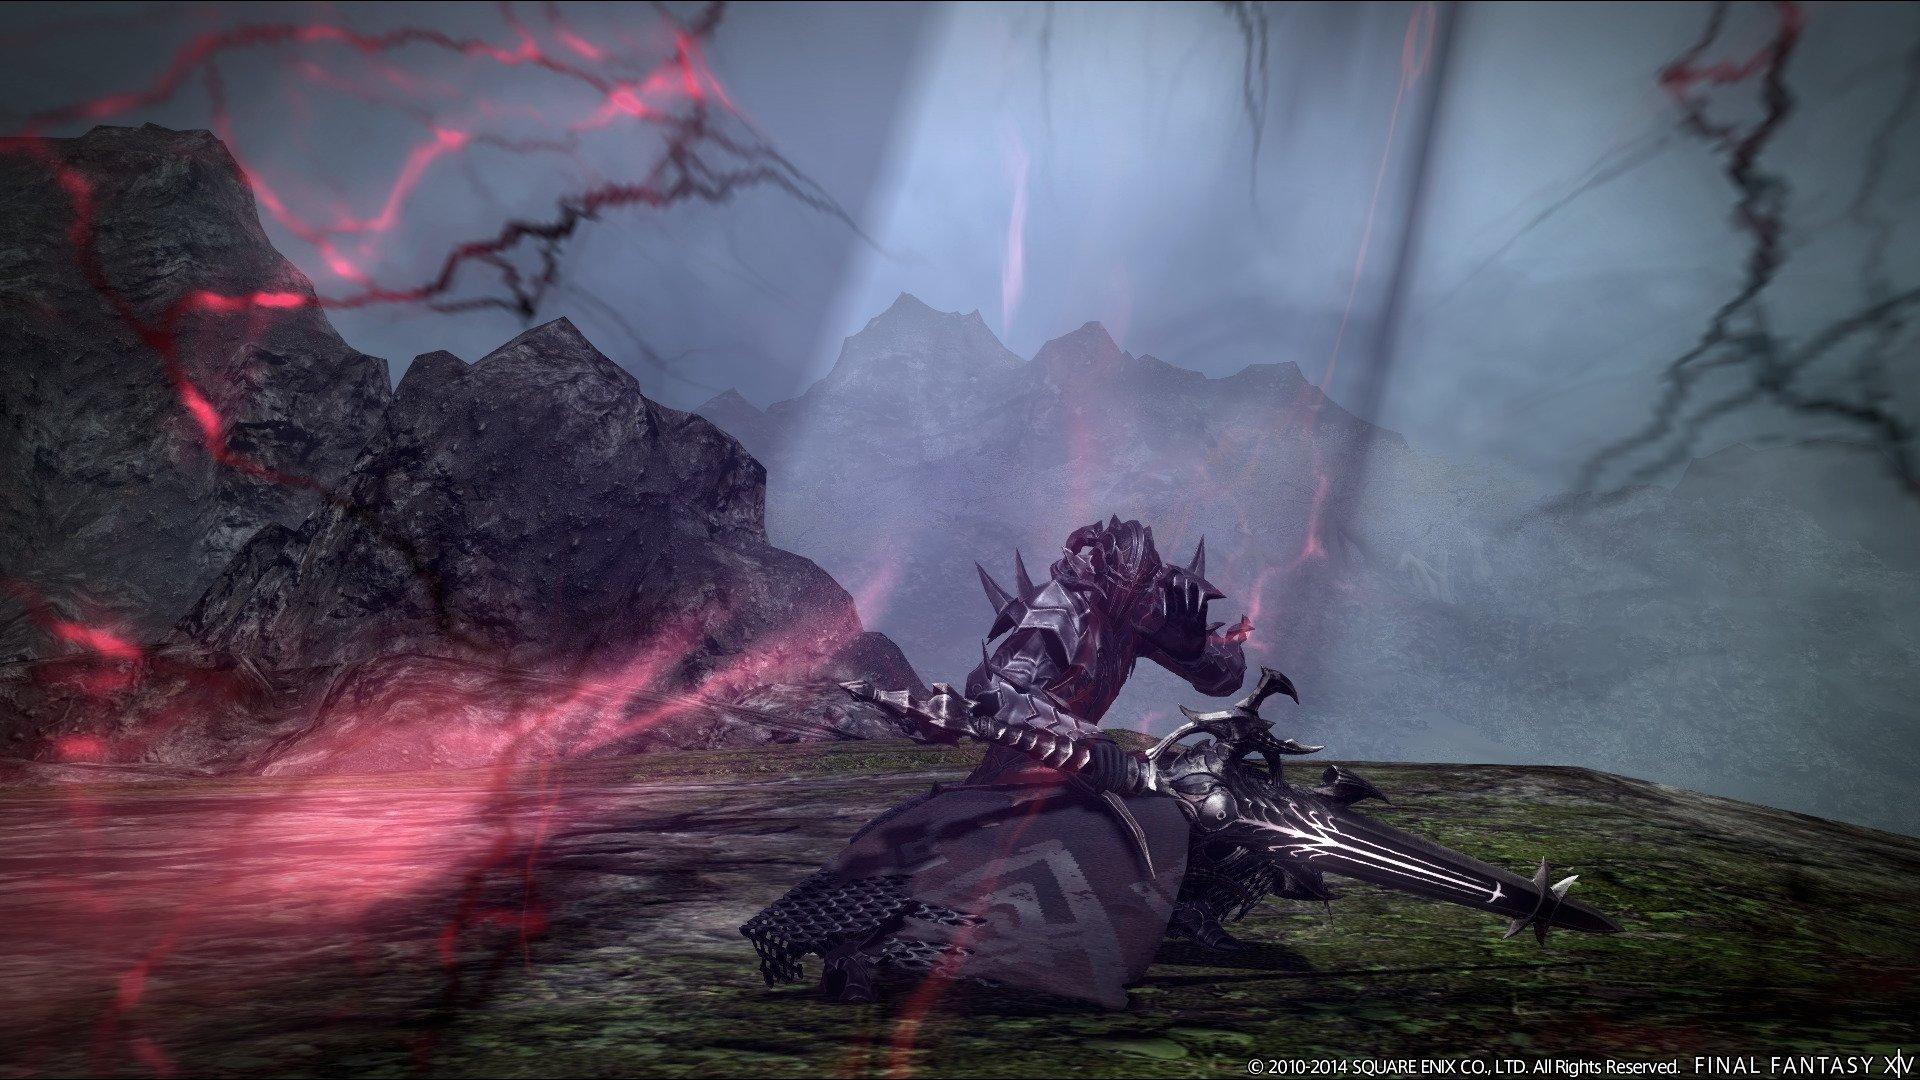 Imágenes de Final Fantasy XIV - Heavensward (PC)